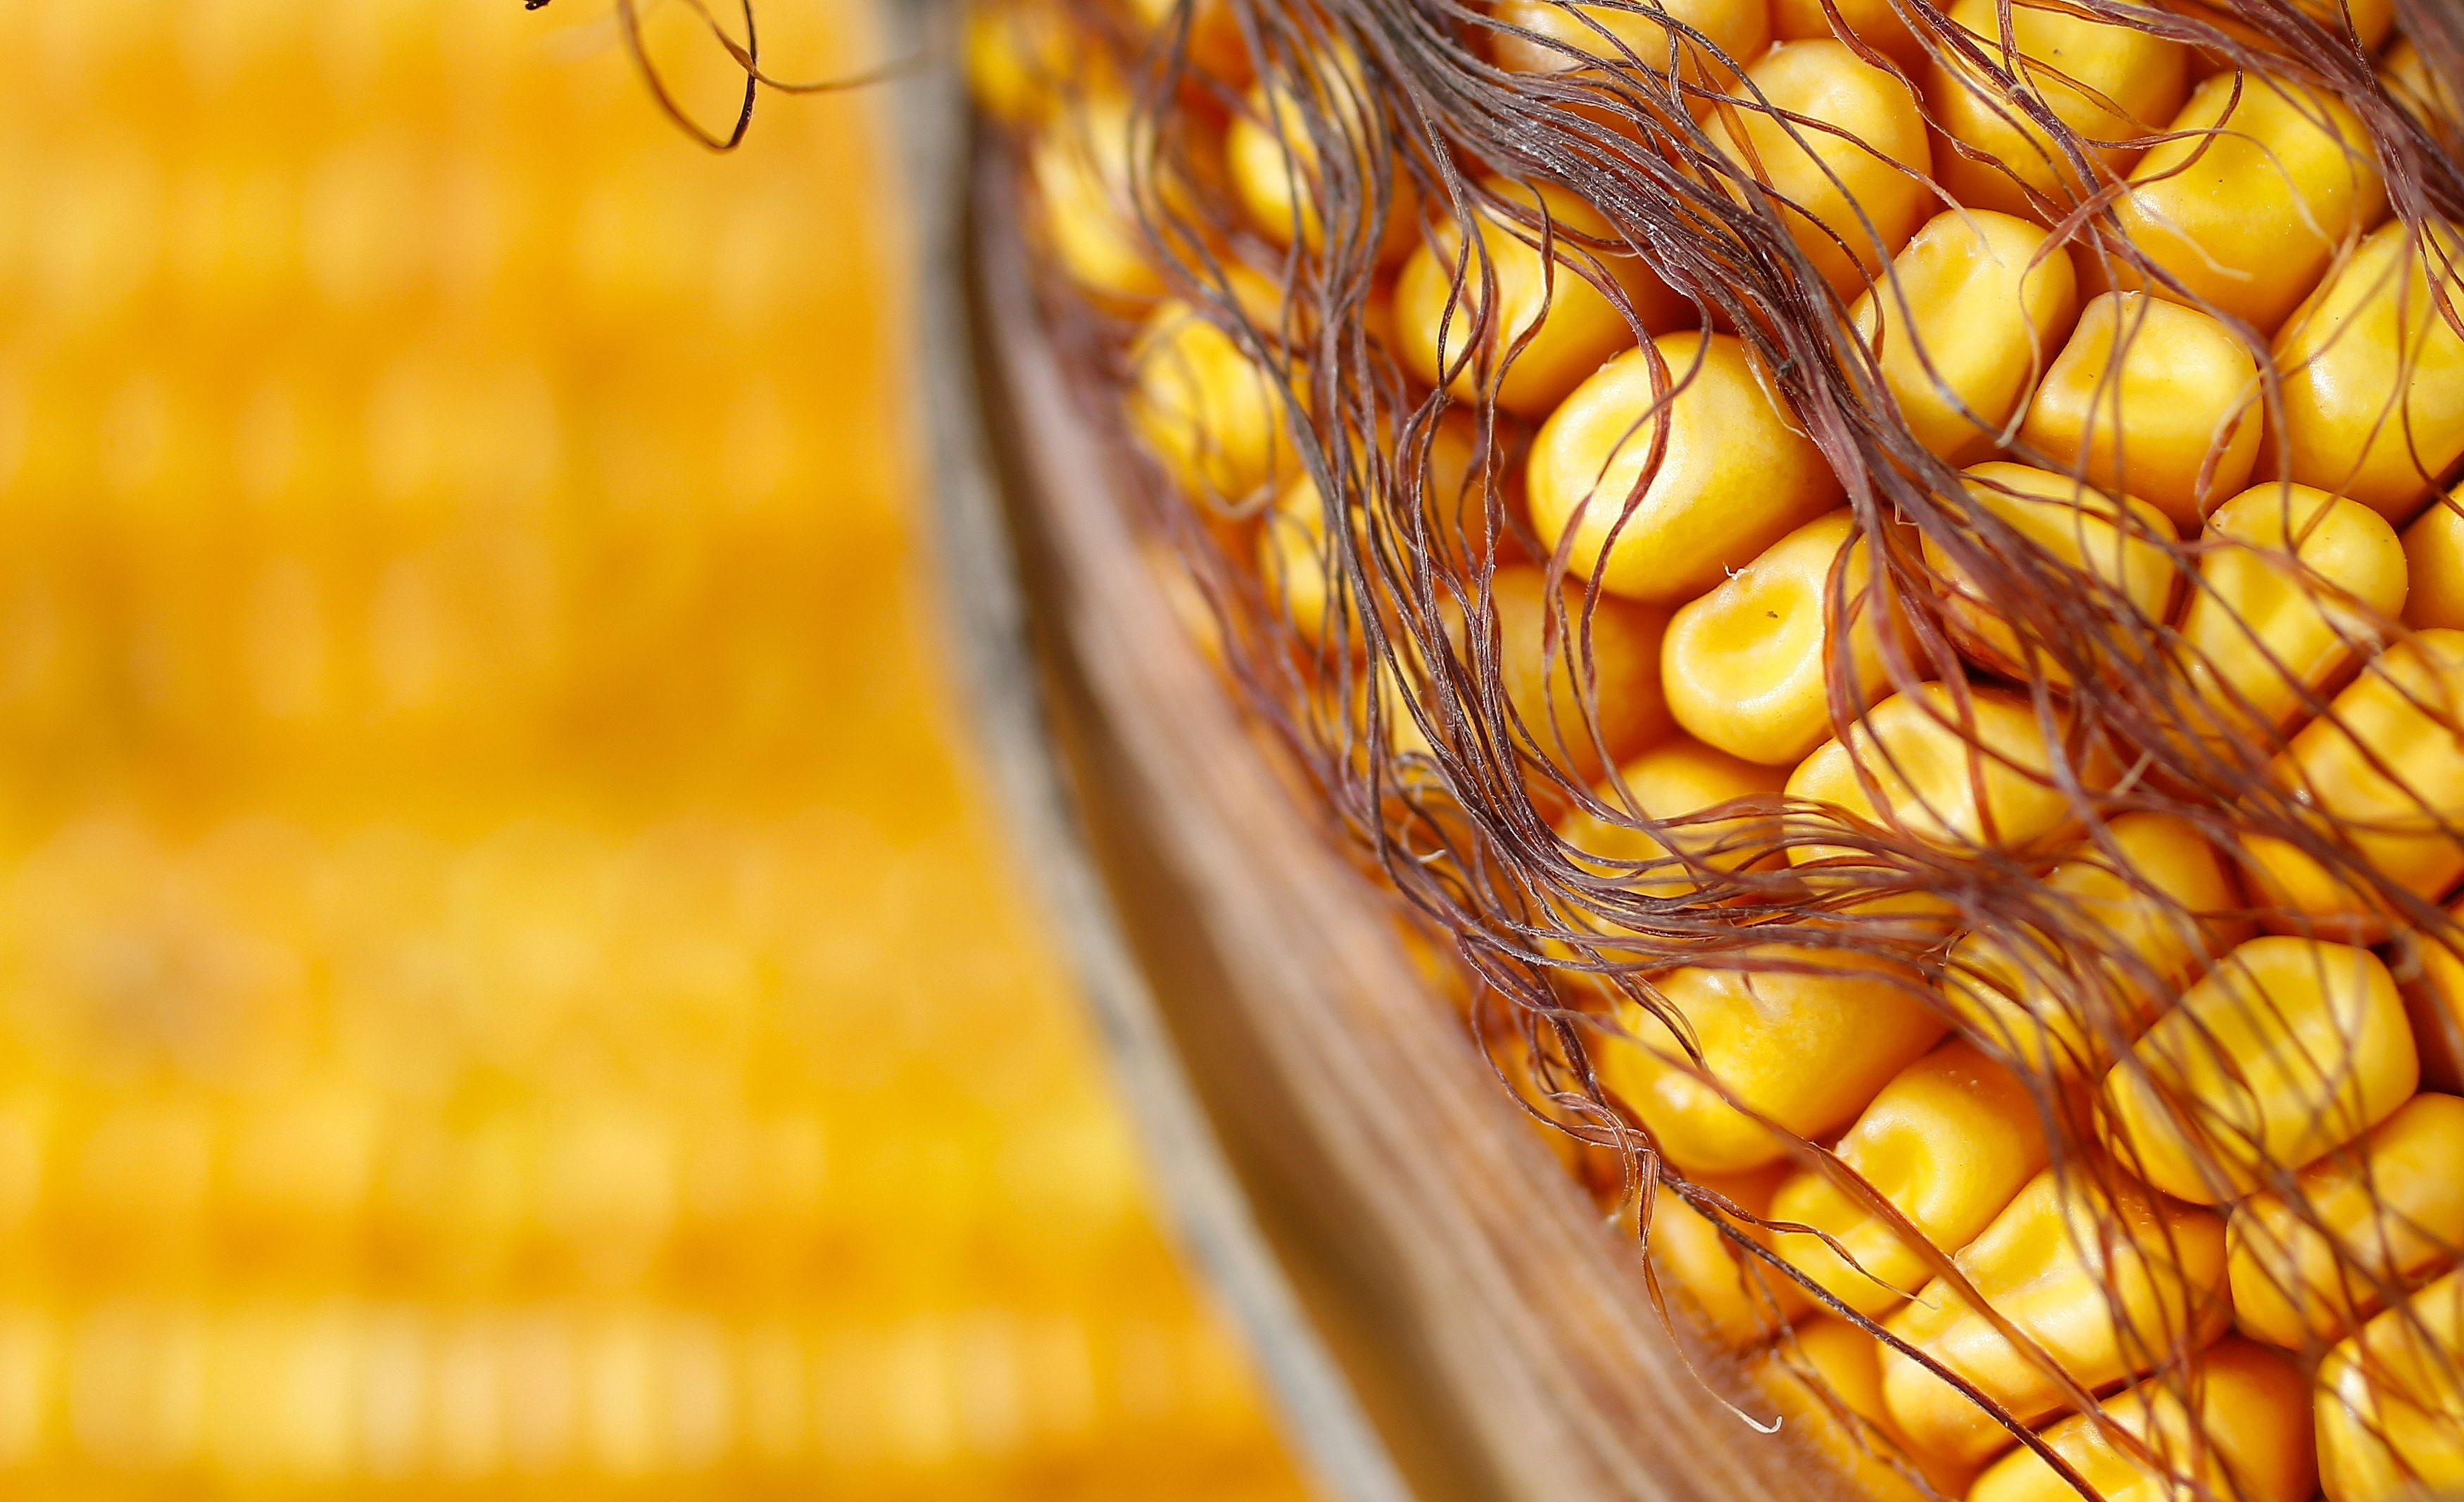 La Commission européenne a donné son feu vert aux Etats-membres concernant une éventuelle interdiction sur leur territoire des cultures OGM.